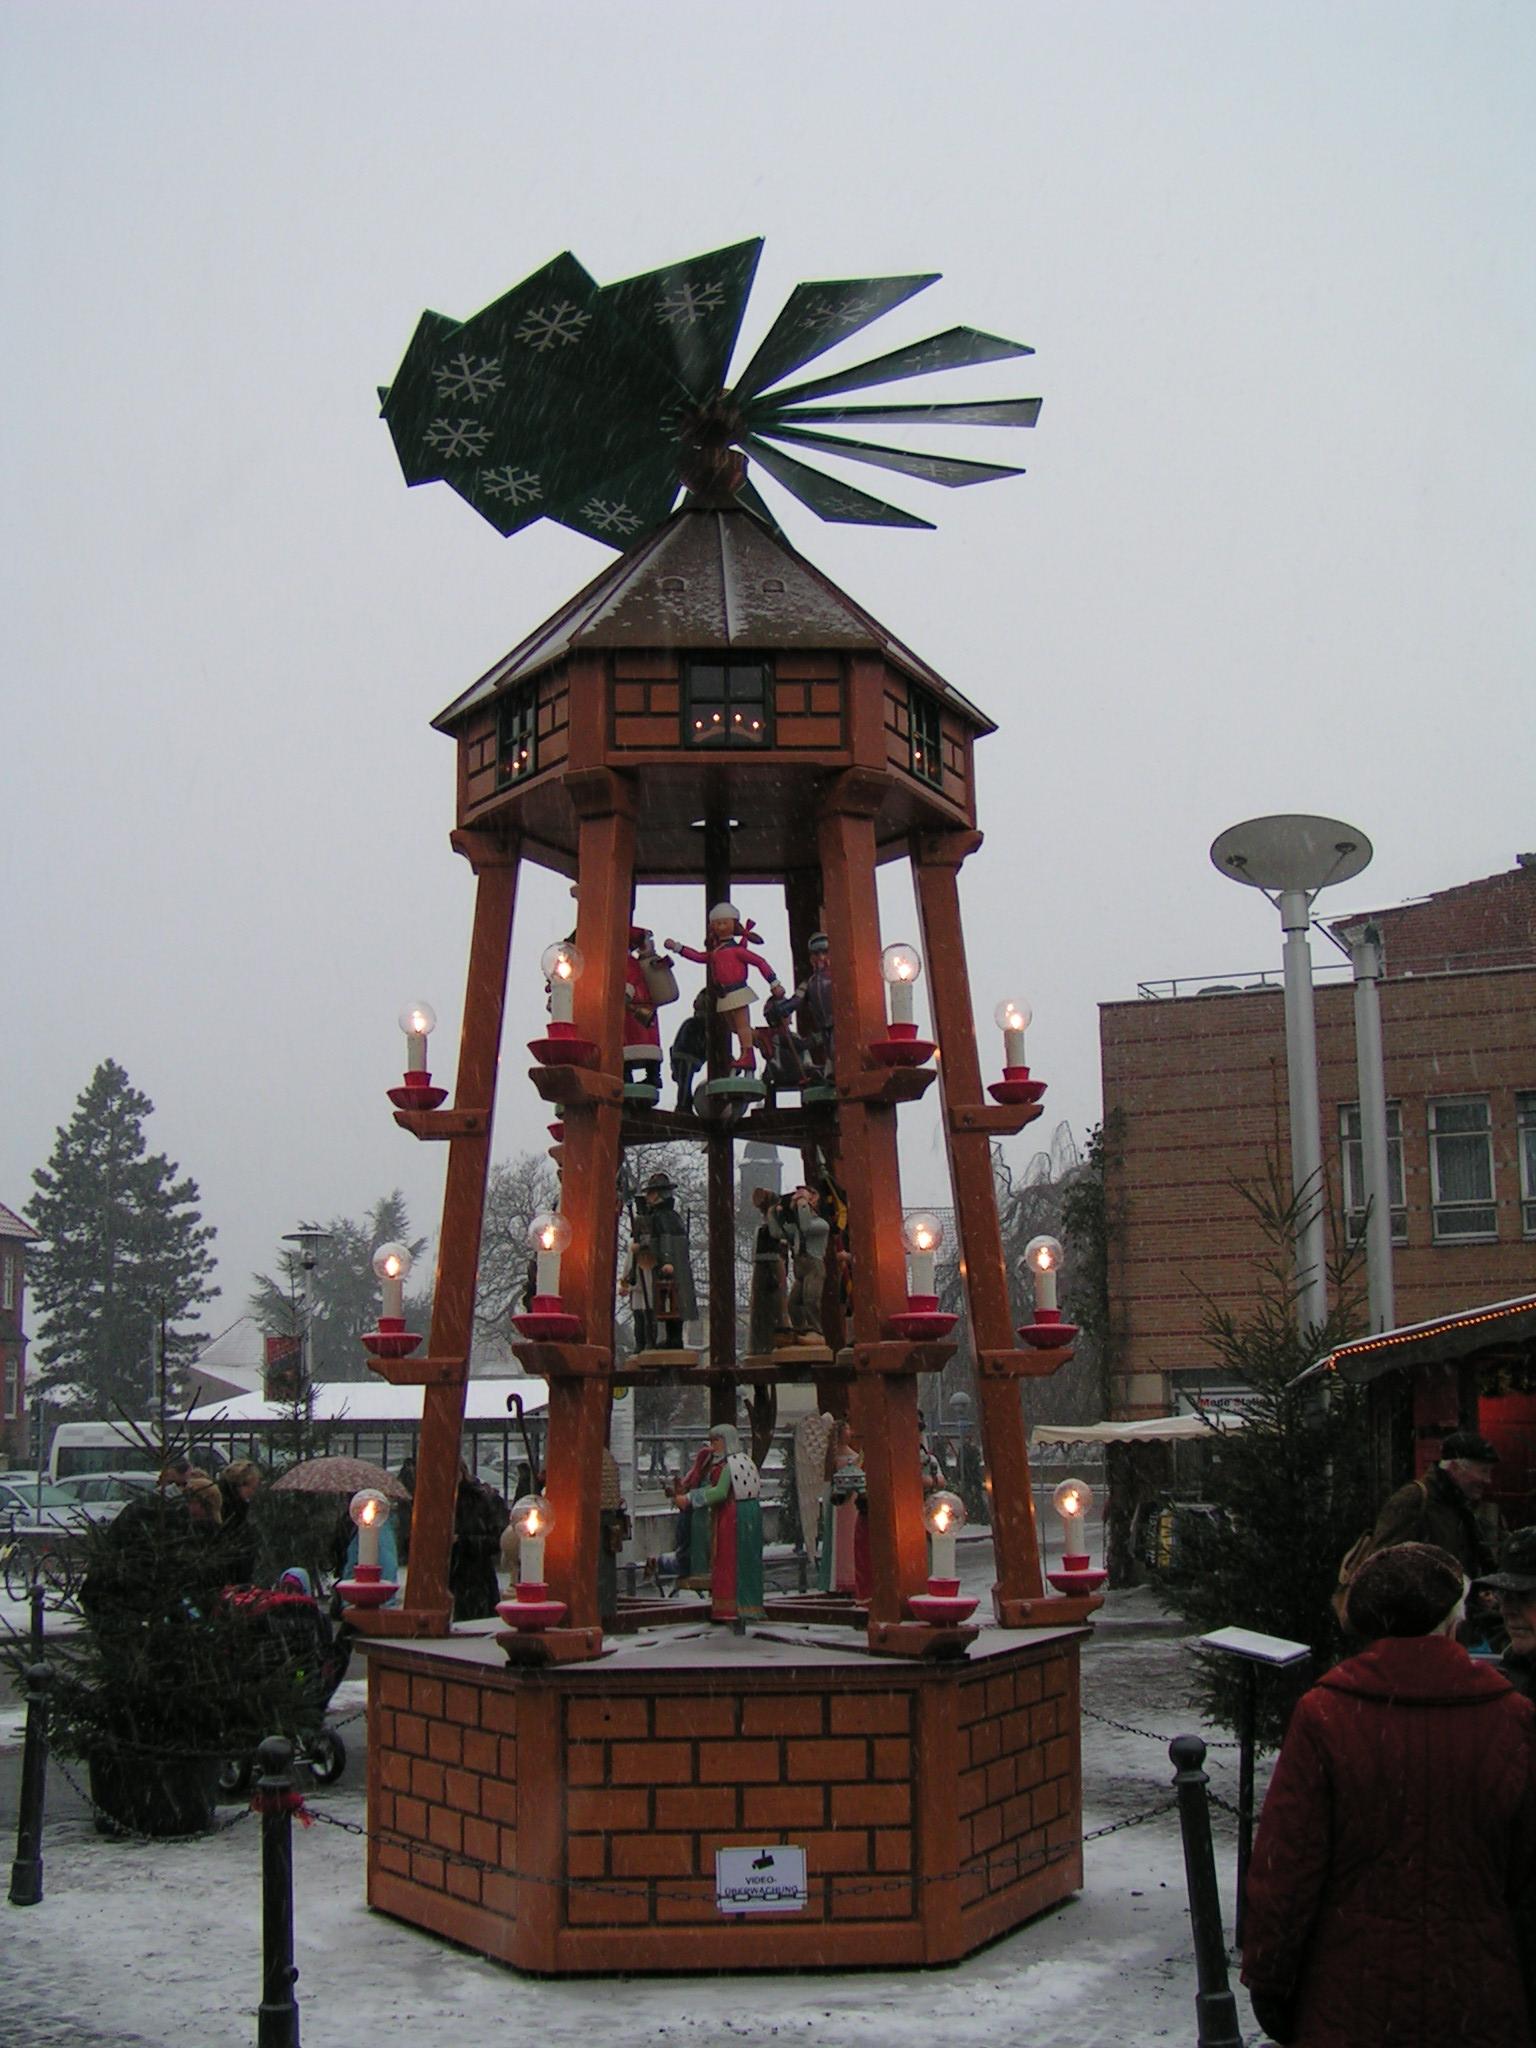 Weihnachtsmarkt Bad Bentheim.Datei Bad Bentheim Weihnachtspyramide Jpg Wikipedia